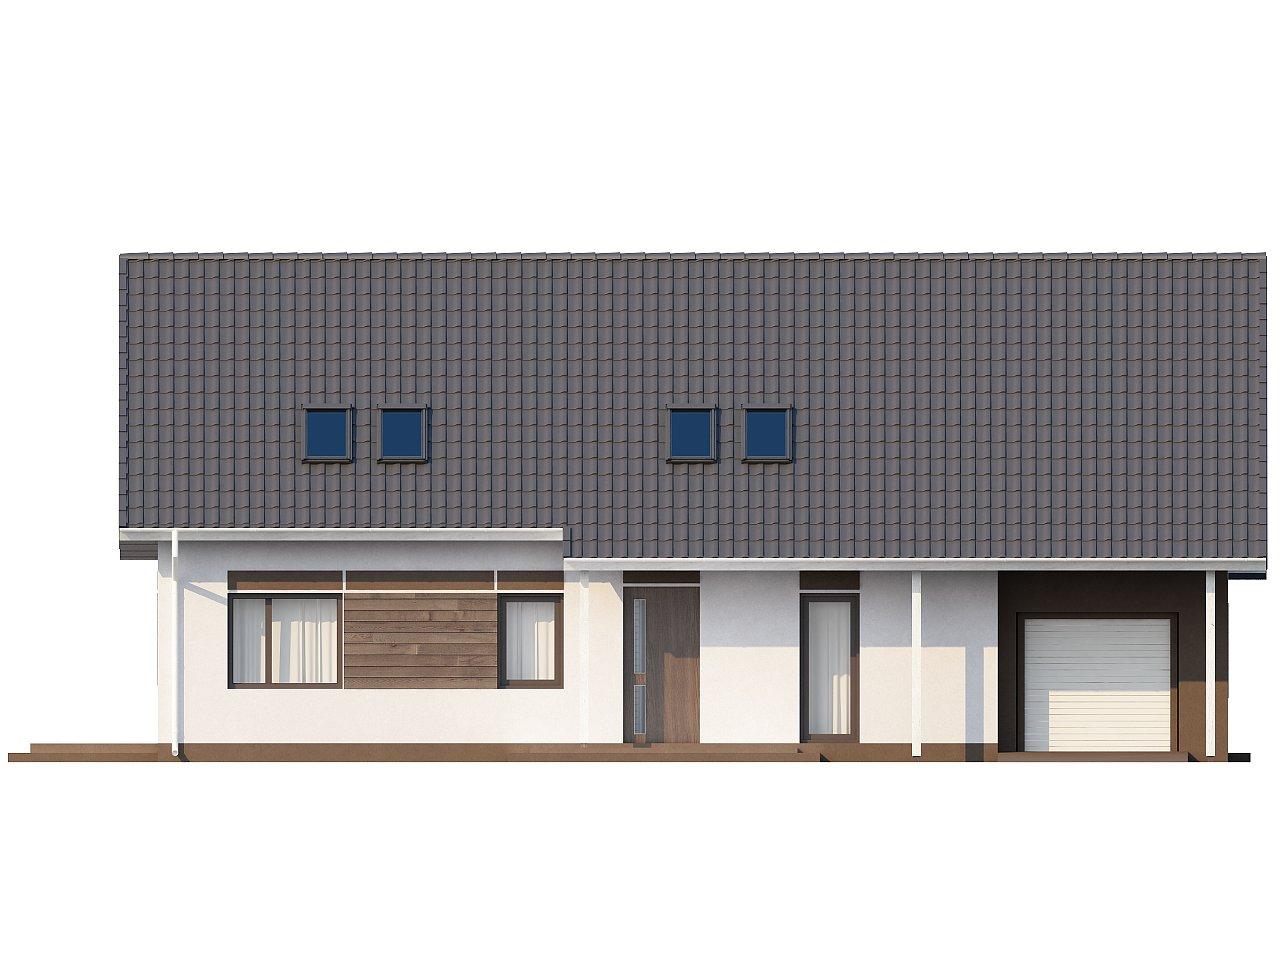 Комфортабельный дом со встроенным гаражом, угловой террасой и кабинетом на первом этаже. - фото 3